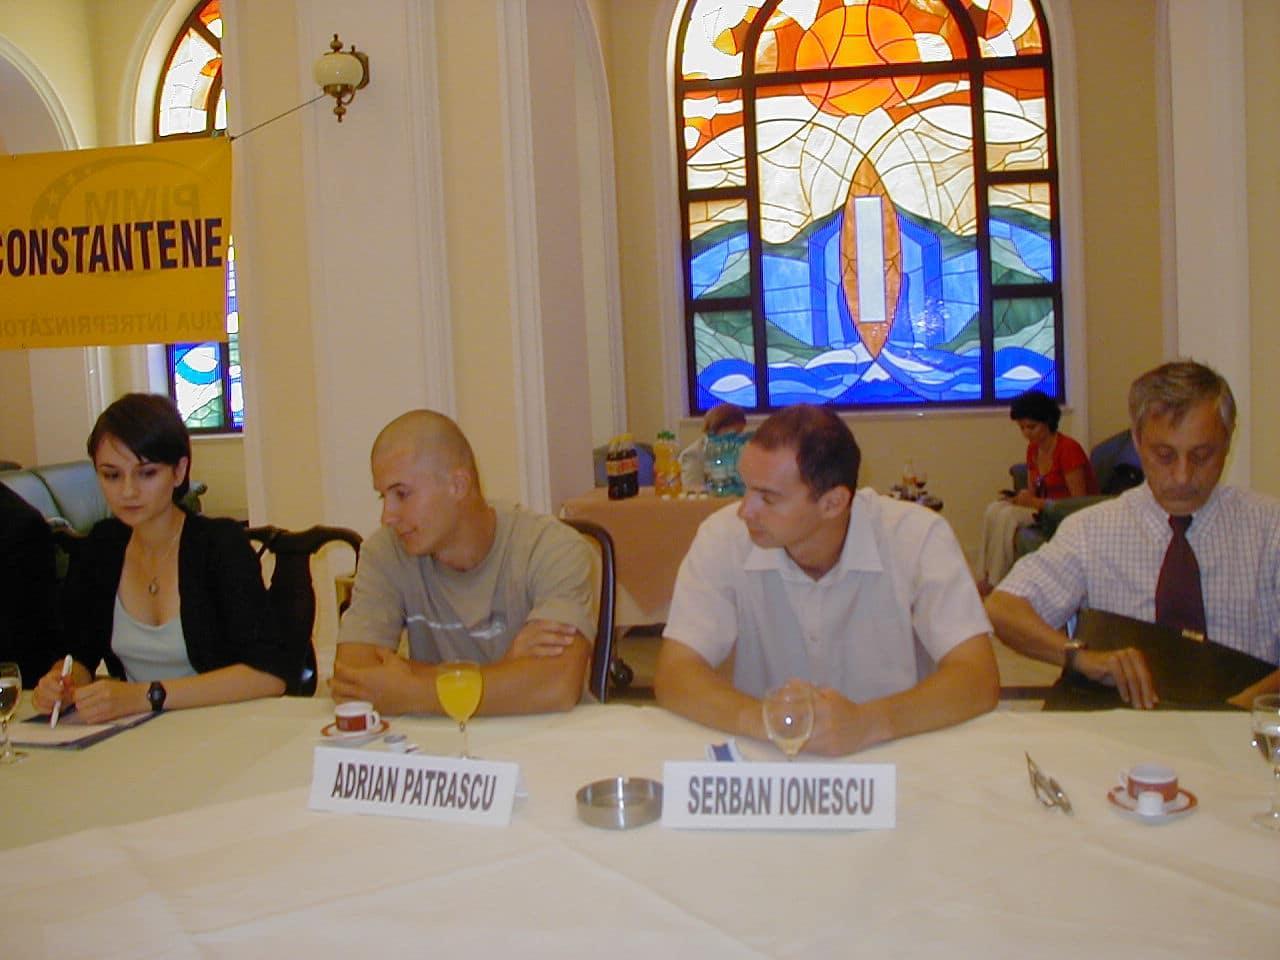 Cei doi tineri câştigători: Şerban Ionescu şi Adrian Pătraşcu.